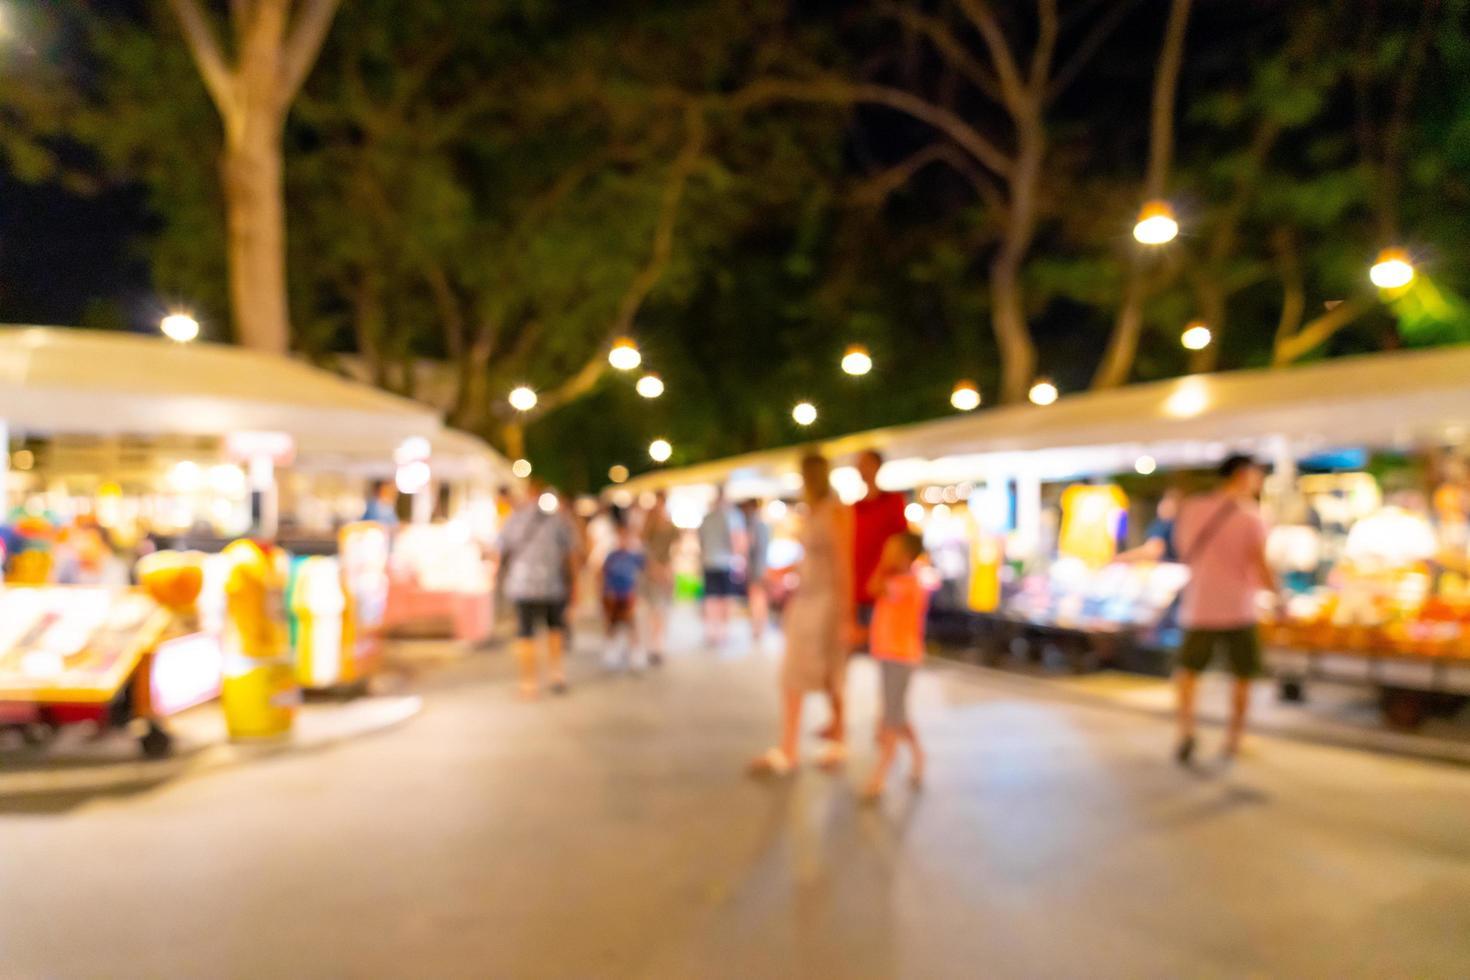 sfocatura astratta e mercato di strada notturno sfocato per lo sfondo foto